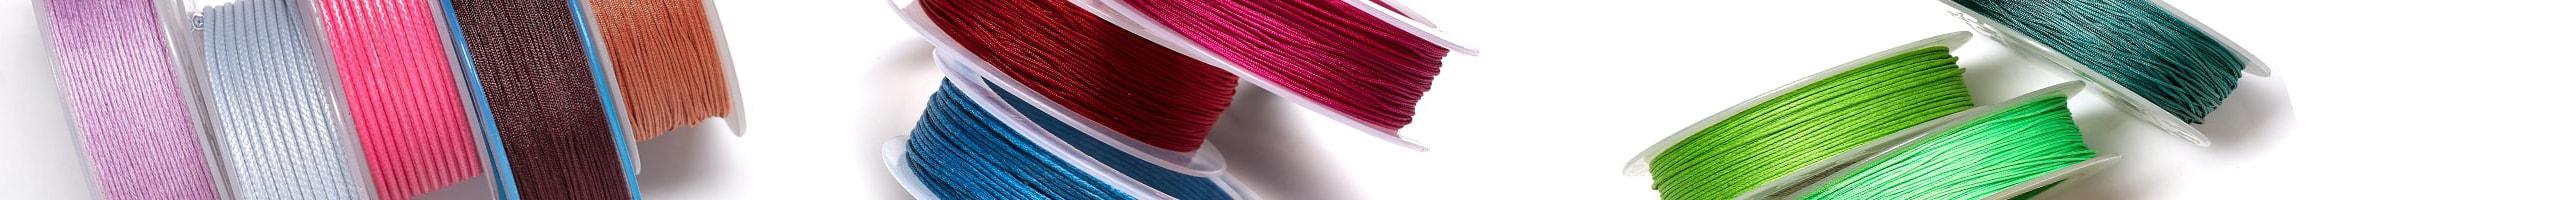 Разноцветные нити шамбала 1,0 мм